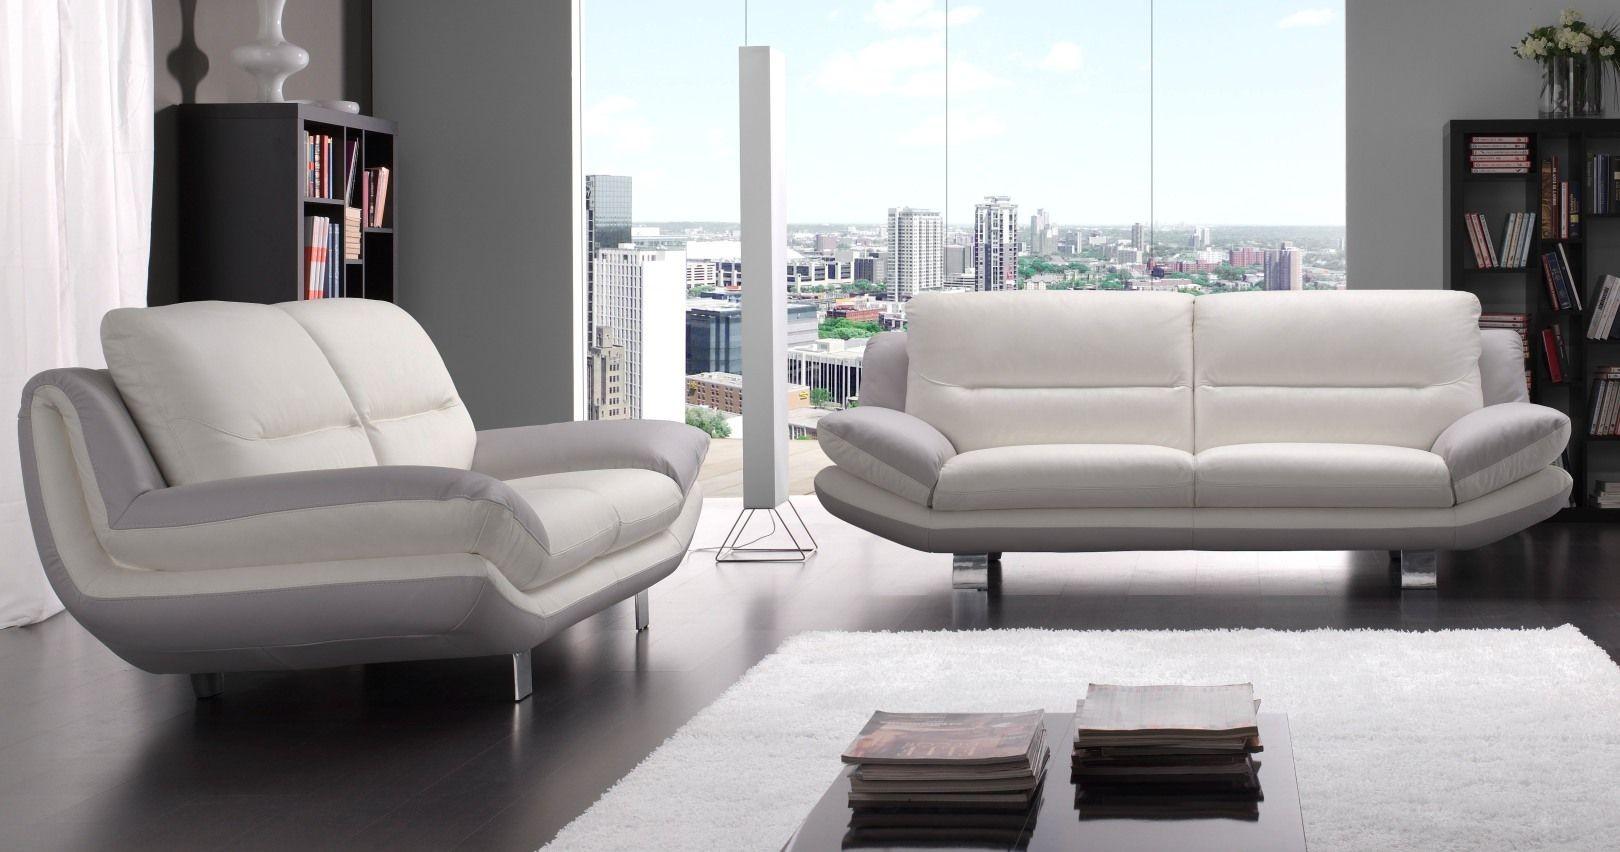 salon 3 2 cuir nashik 2 2 cuir dispnible personnalisable sur univers du cuir. Black Bedroom Furniture Sets. Home Design Ideas